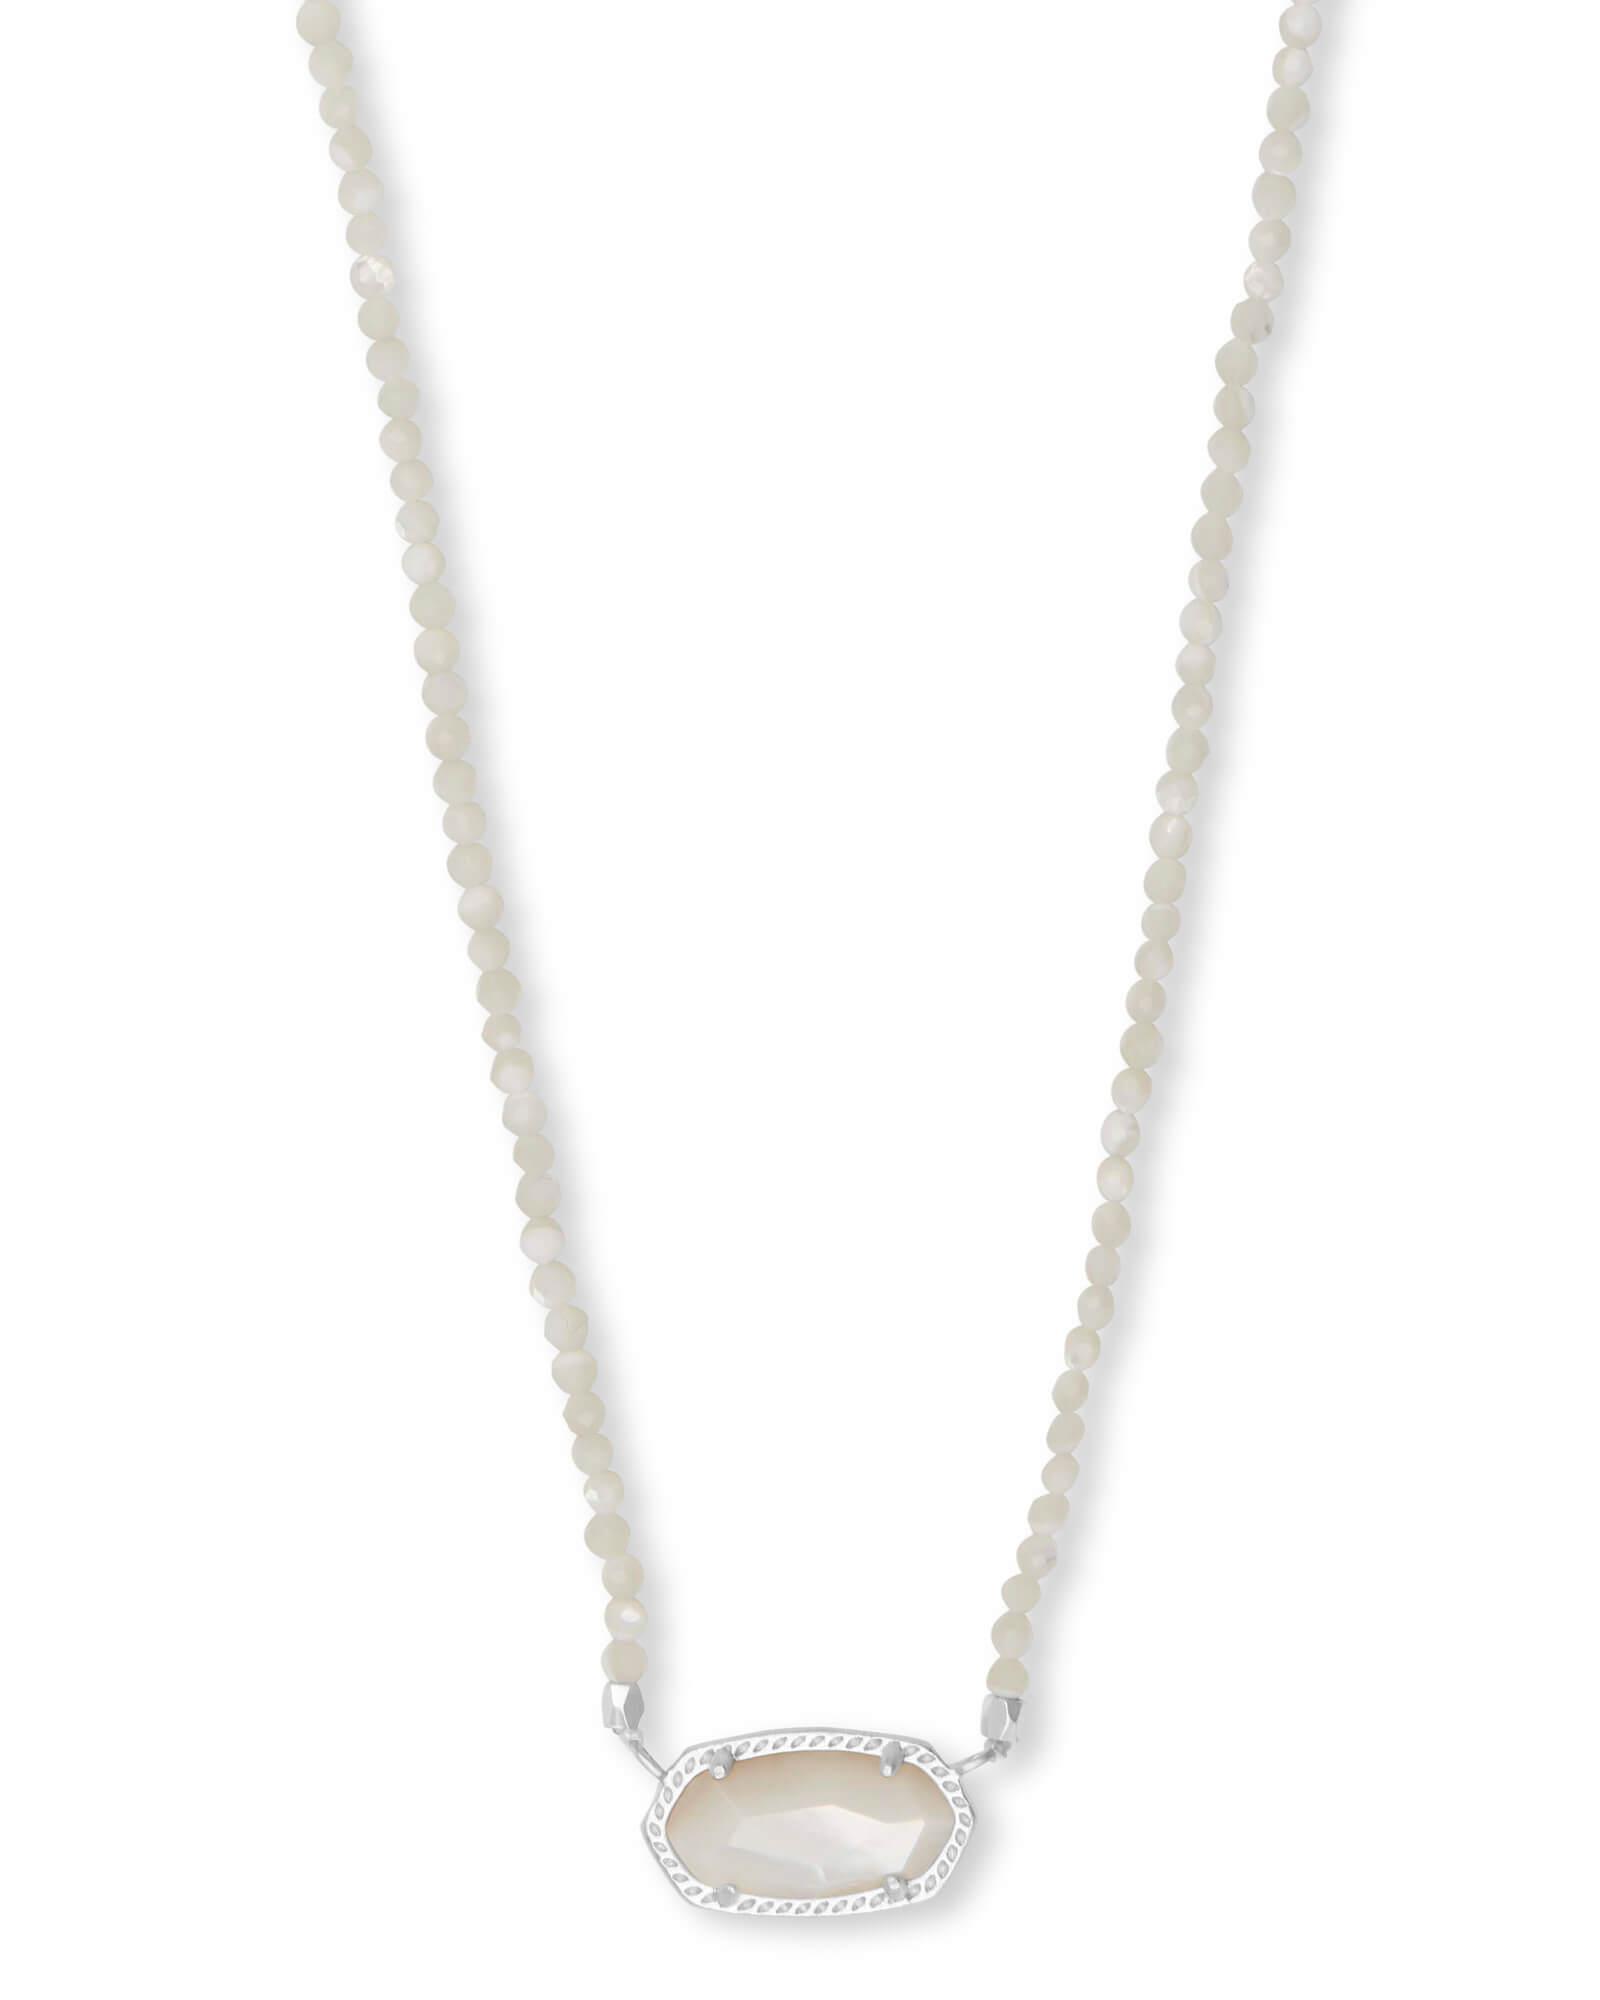 03e01bdd4 Lyst - Kendra Scott Elisa Silver Beaded Pendant Necklace in Metallic